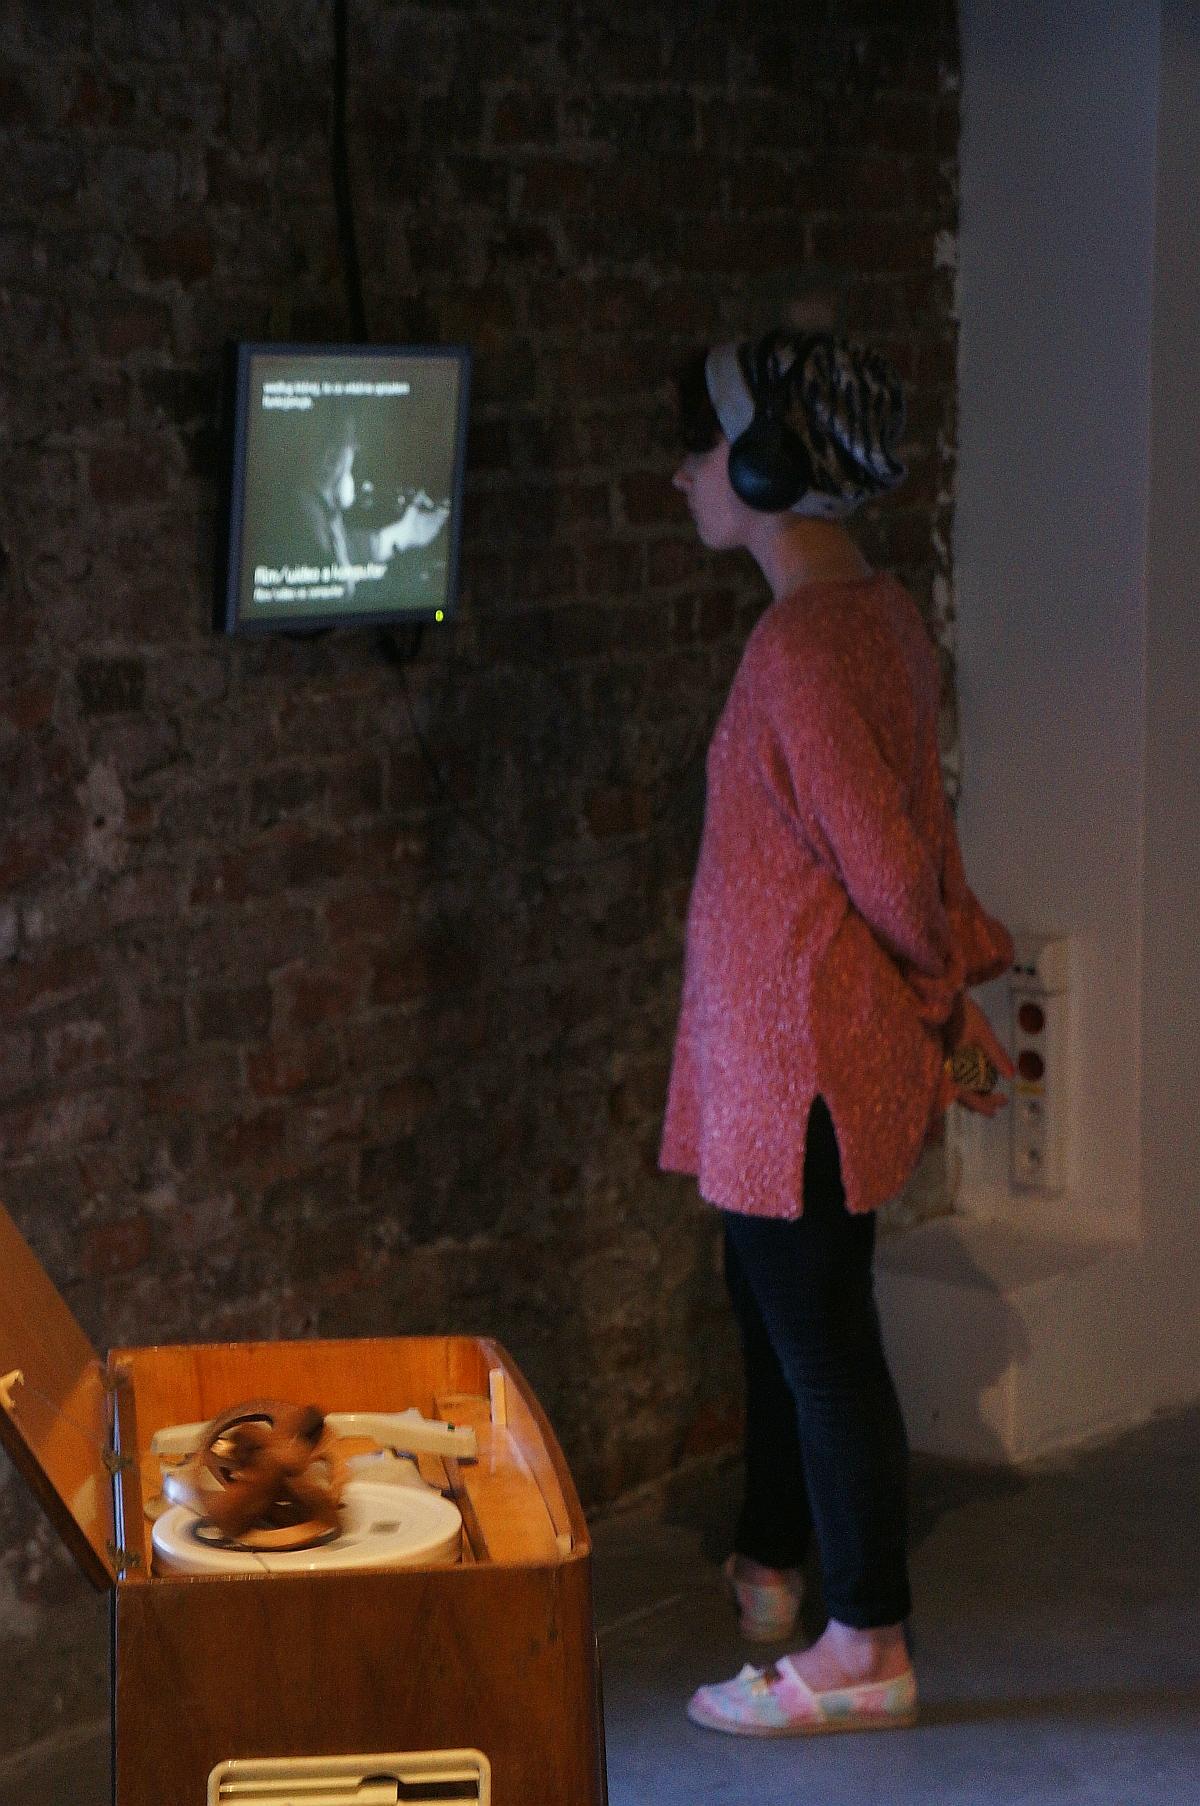 Janine Halka ogląda wywiad z Woodym Vasulką z 1995 r., z Kolekcji WRO Zmienne-Stałe-Błądzące. AC/DC/IT, wystawa WRO Art Center, fot. WRO